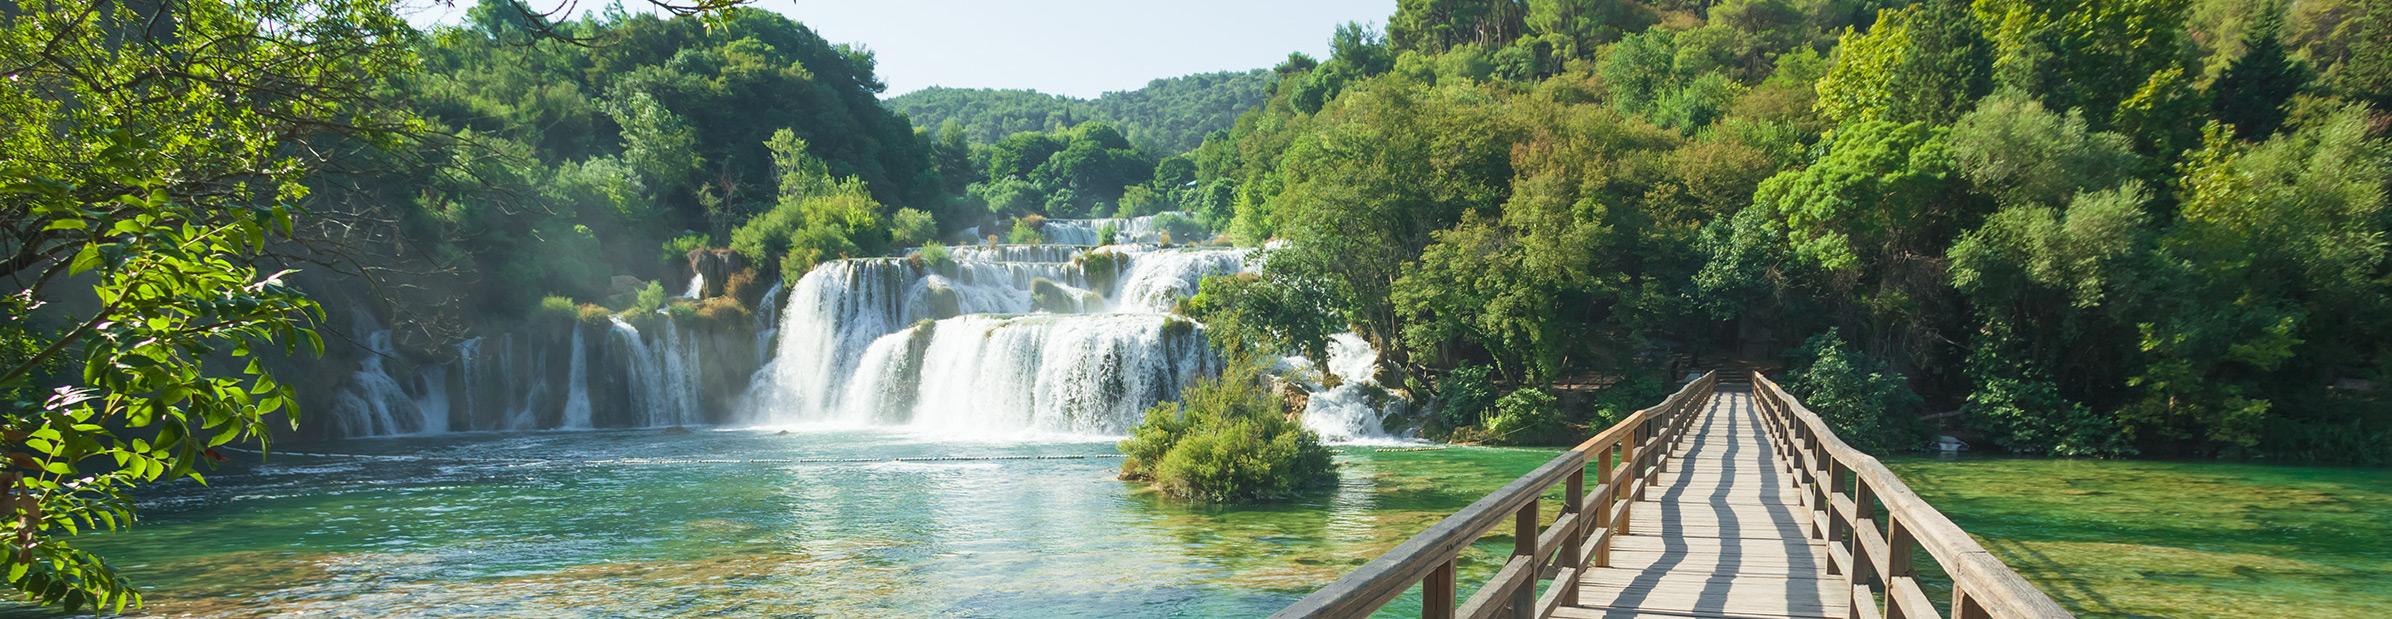 Kroatien Krka Wasserfall Steg Panorama